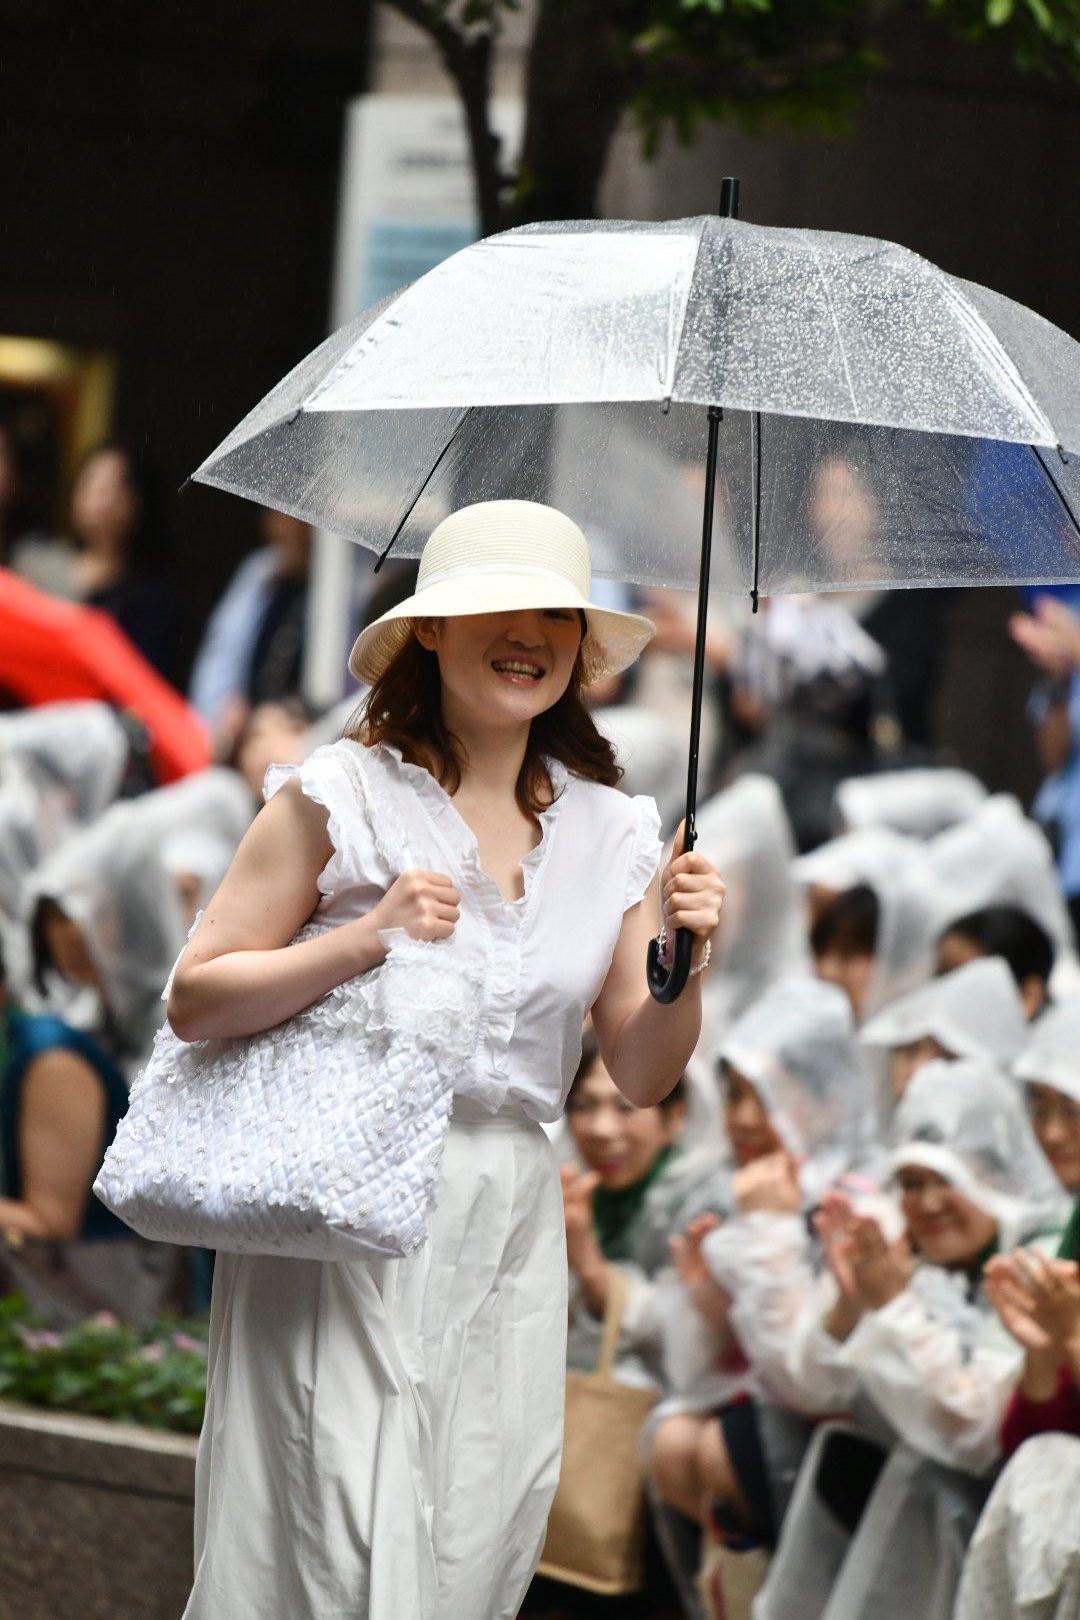 画像,凱旋門の11時公演がmy千秋楽なので、ついでに入り待ちしました生憎の雨でしたが来て良かったです(^^)桜良花嵐さん、もう少しお顔見せて欲しかったなぁ(^_^;叶…